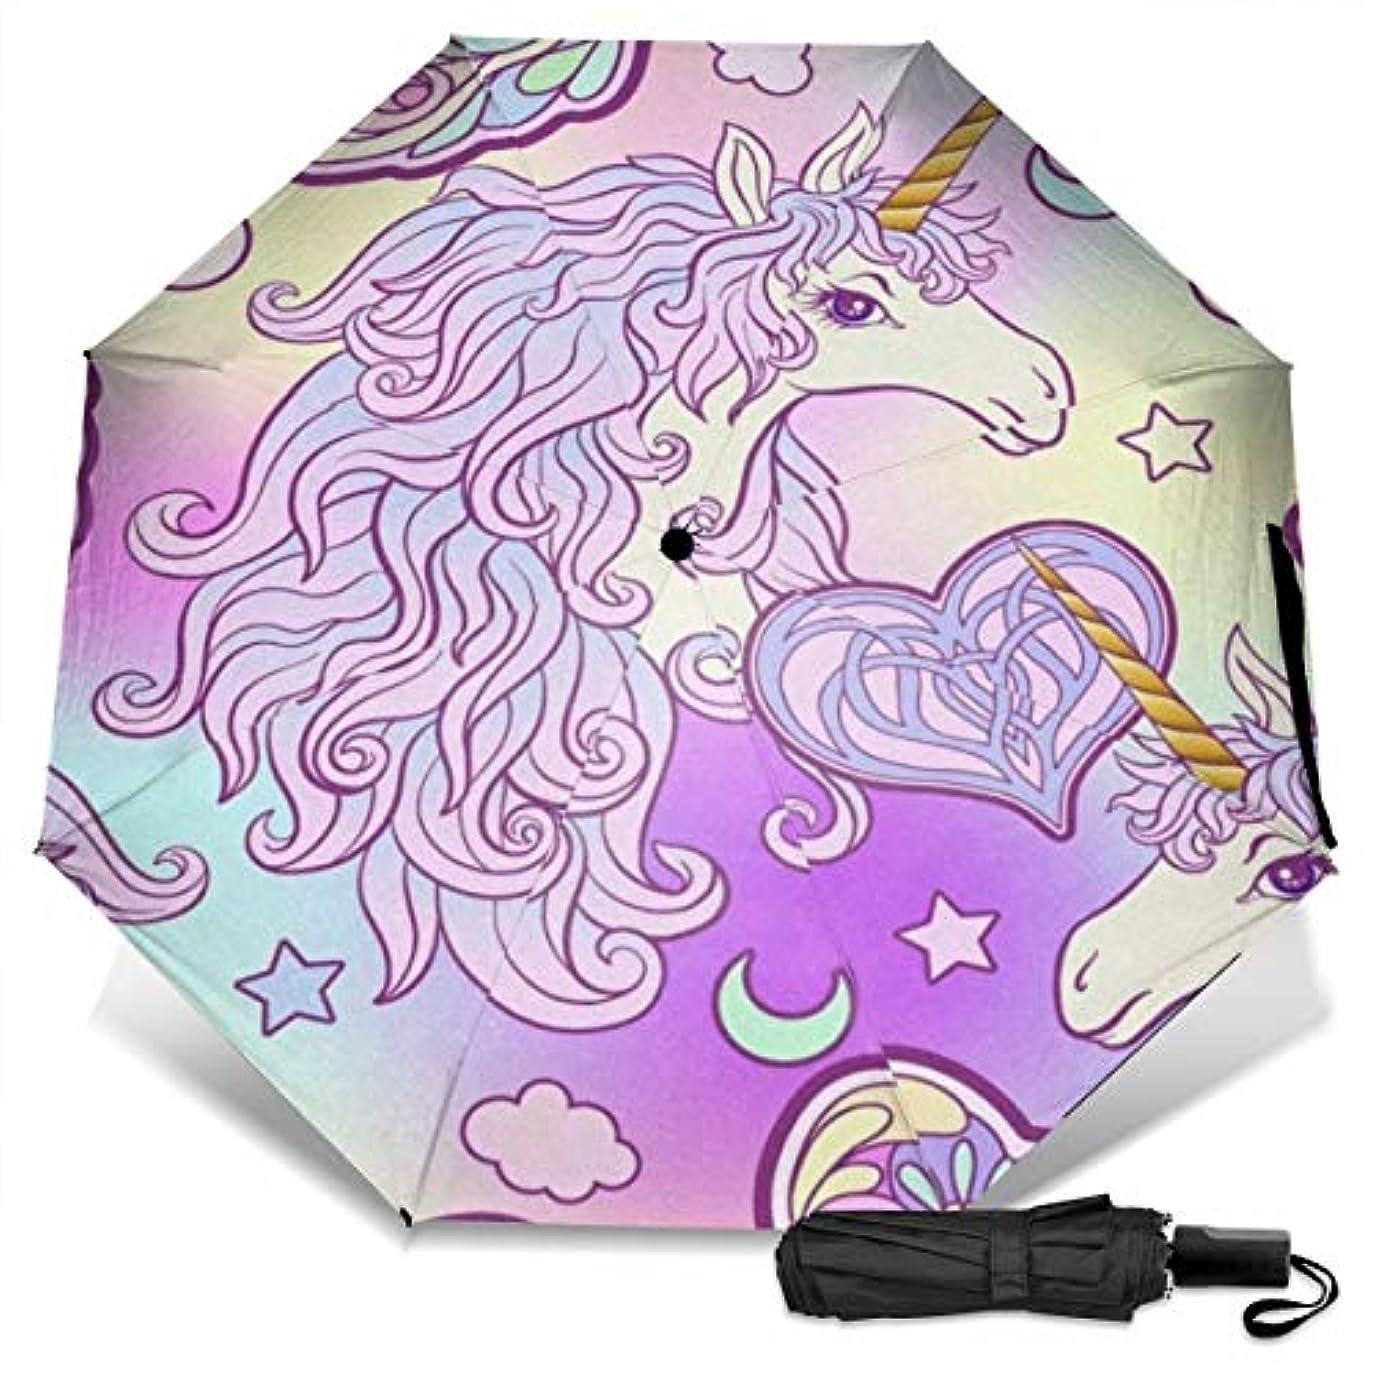 十二先のことを考える壊れた水彩ユニコーンパープル日傘 折りたたみ日傘 折り畳み日傘 超軽量 遮光率100% UVカット率99.9% UPF50+ 紫外線対策 遮熱効果 晴雨兼用 携帯便利 耐風撥水 手動 男女兼用